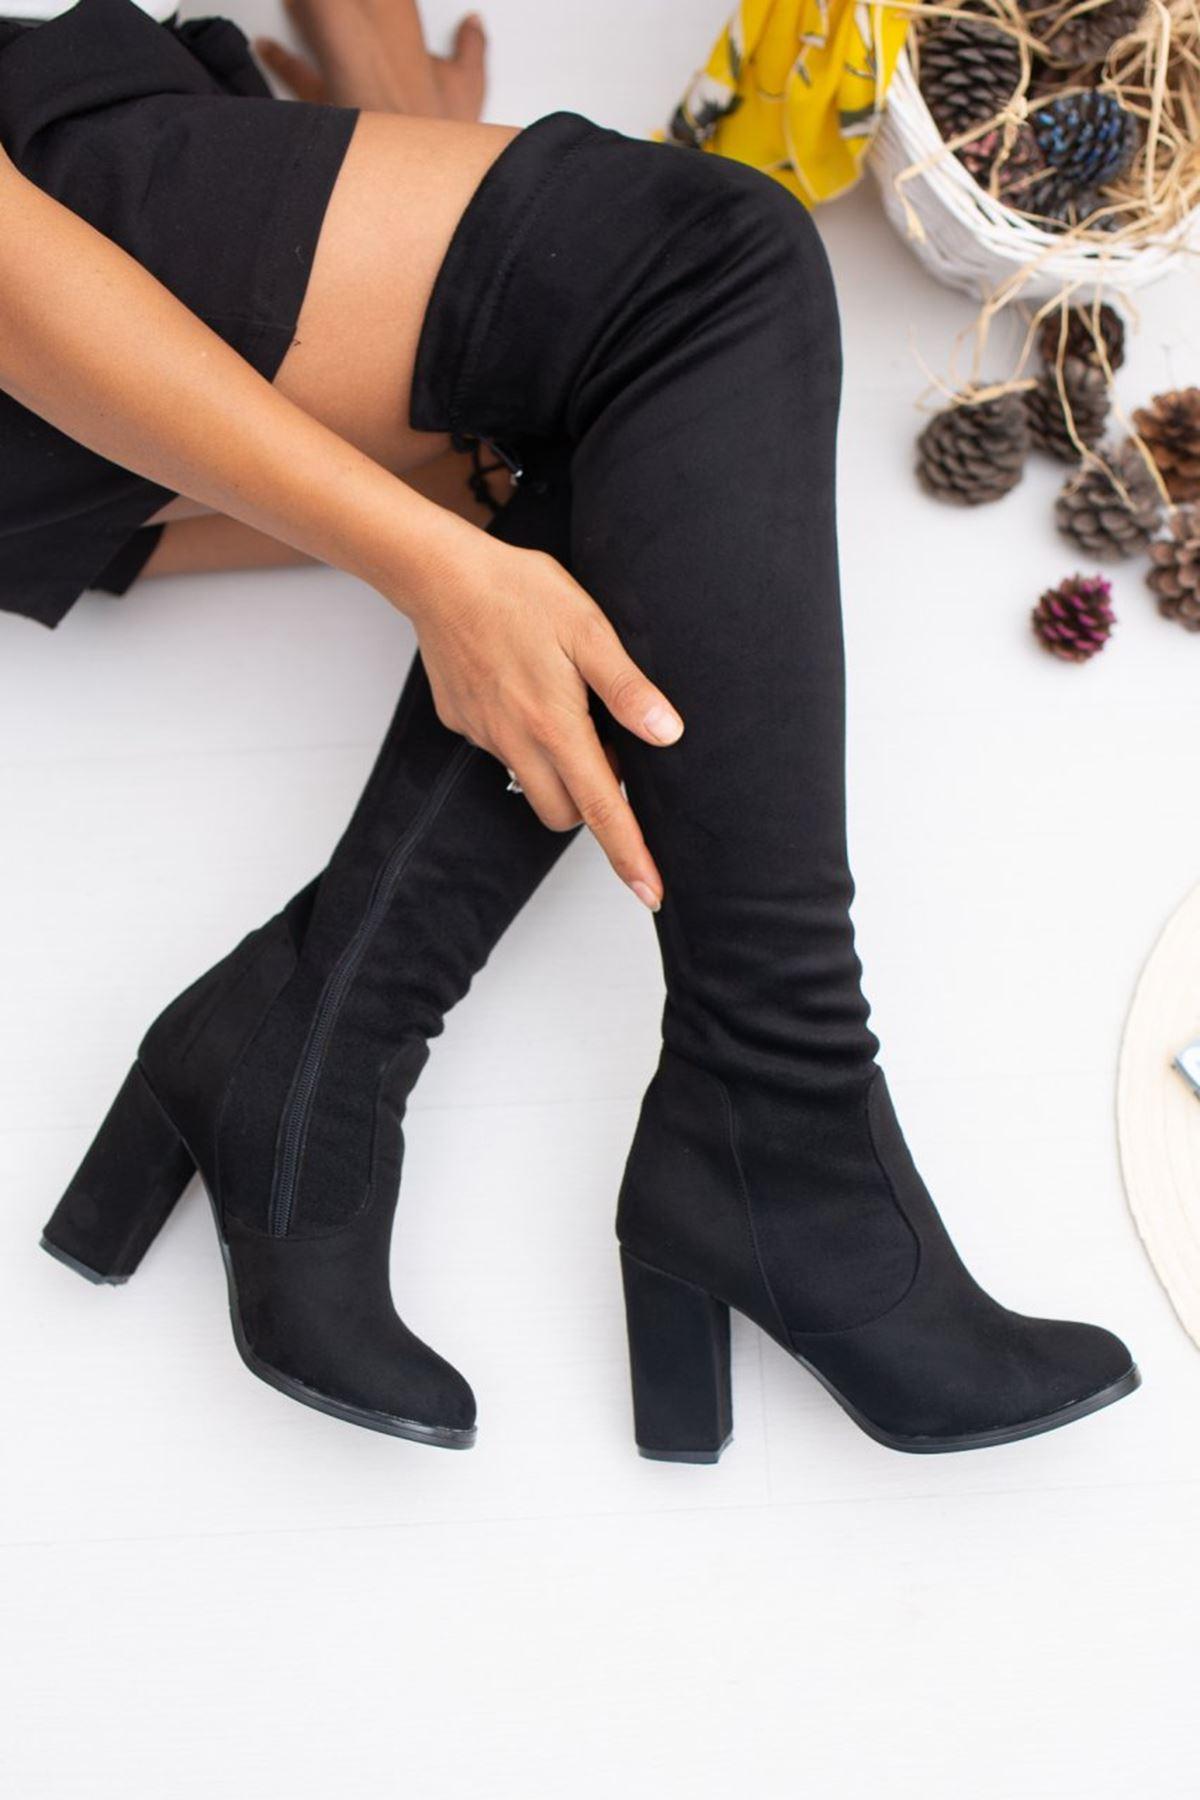 Kadın İzabel Yüksek Topuk Streç Diz Üstü Siyah Süet Çizme